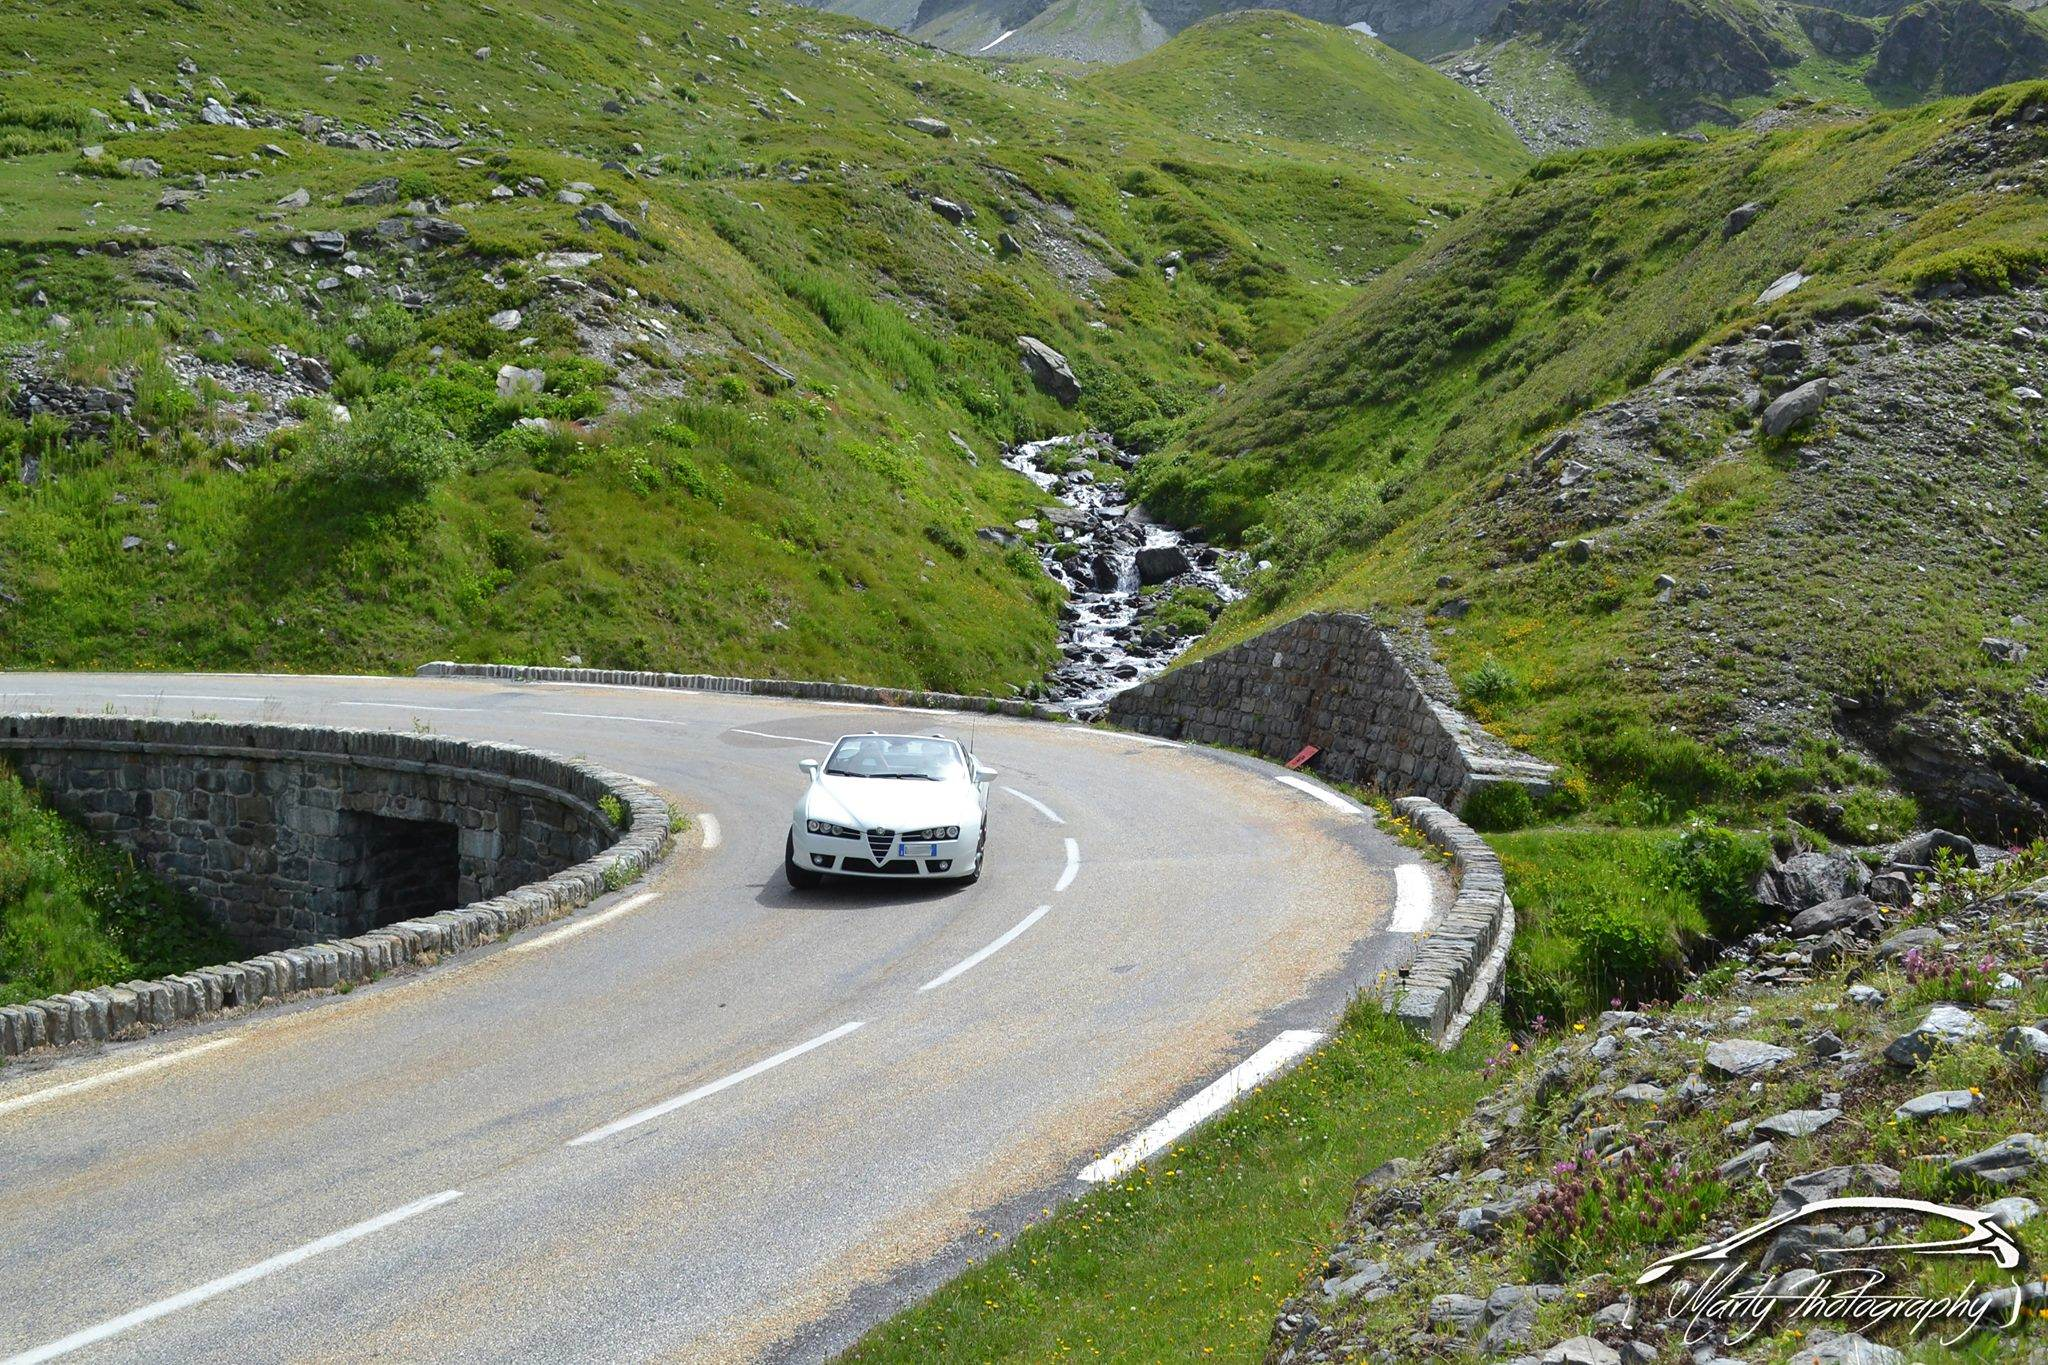 foto Alfa Romeo Spider - 3.2 V6 jts 260cv - Q4 - Bianco Ghiaccio - 2010 - RA - 4